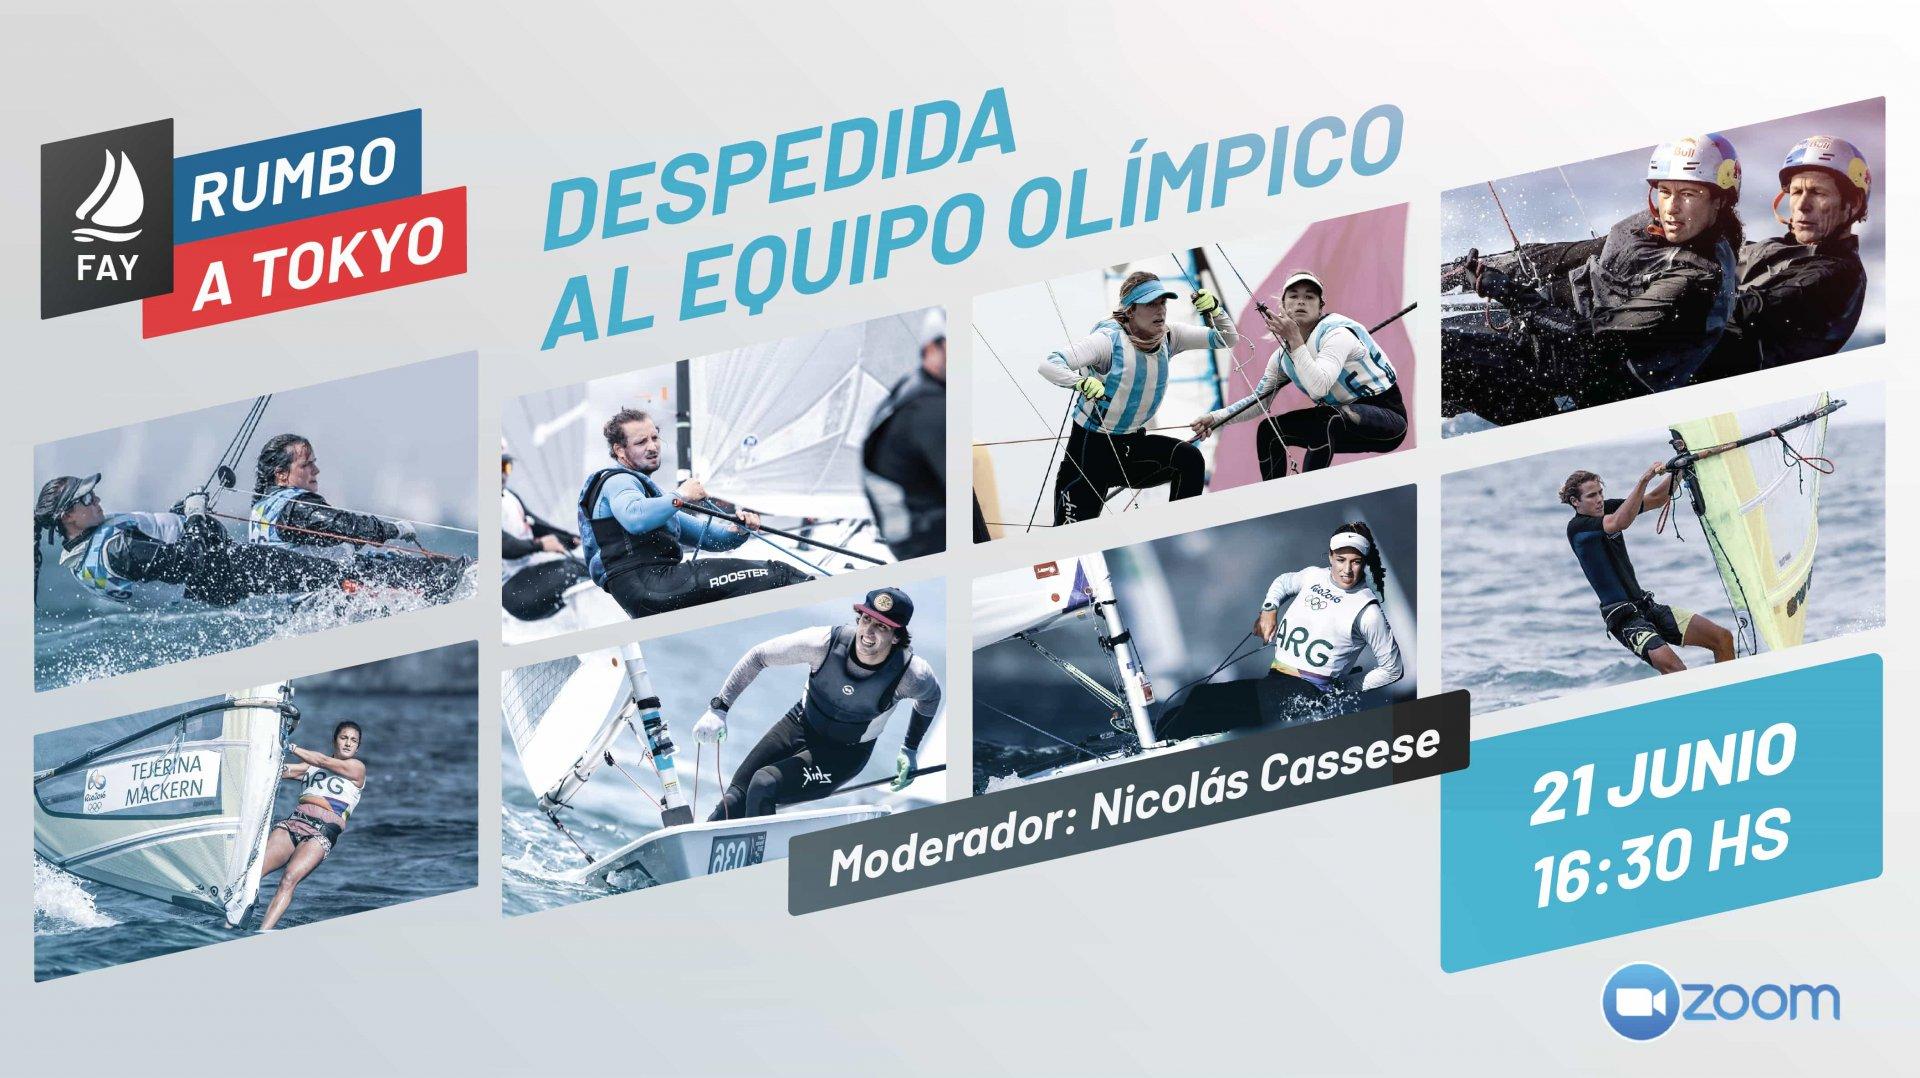 Despedida a Deportistas Olimpicos - FAY